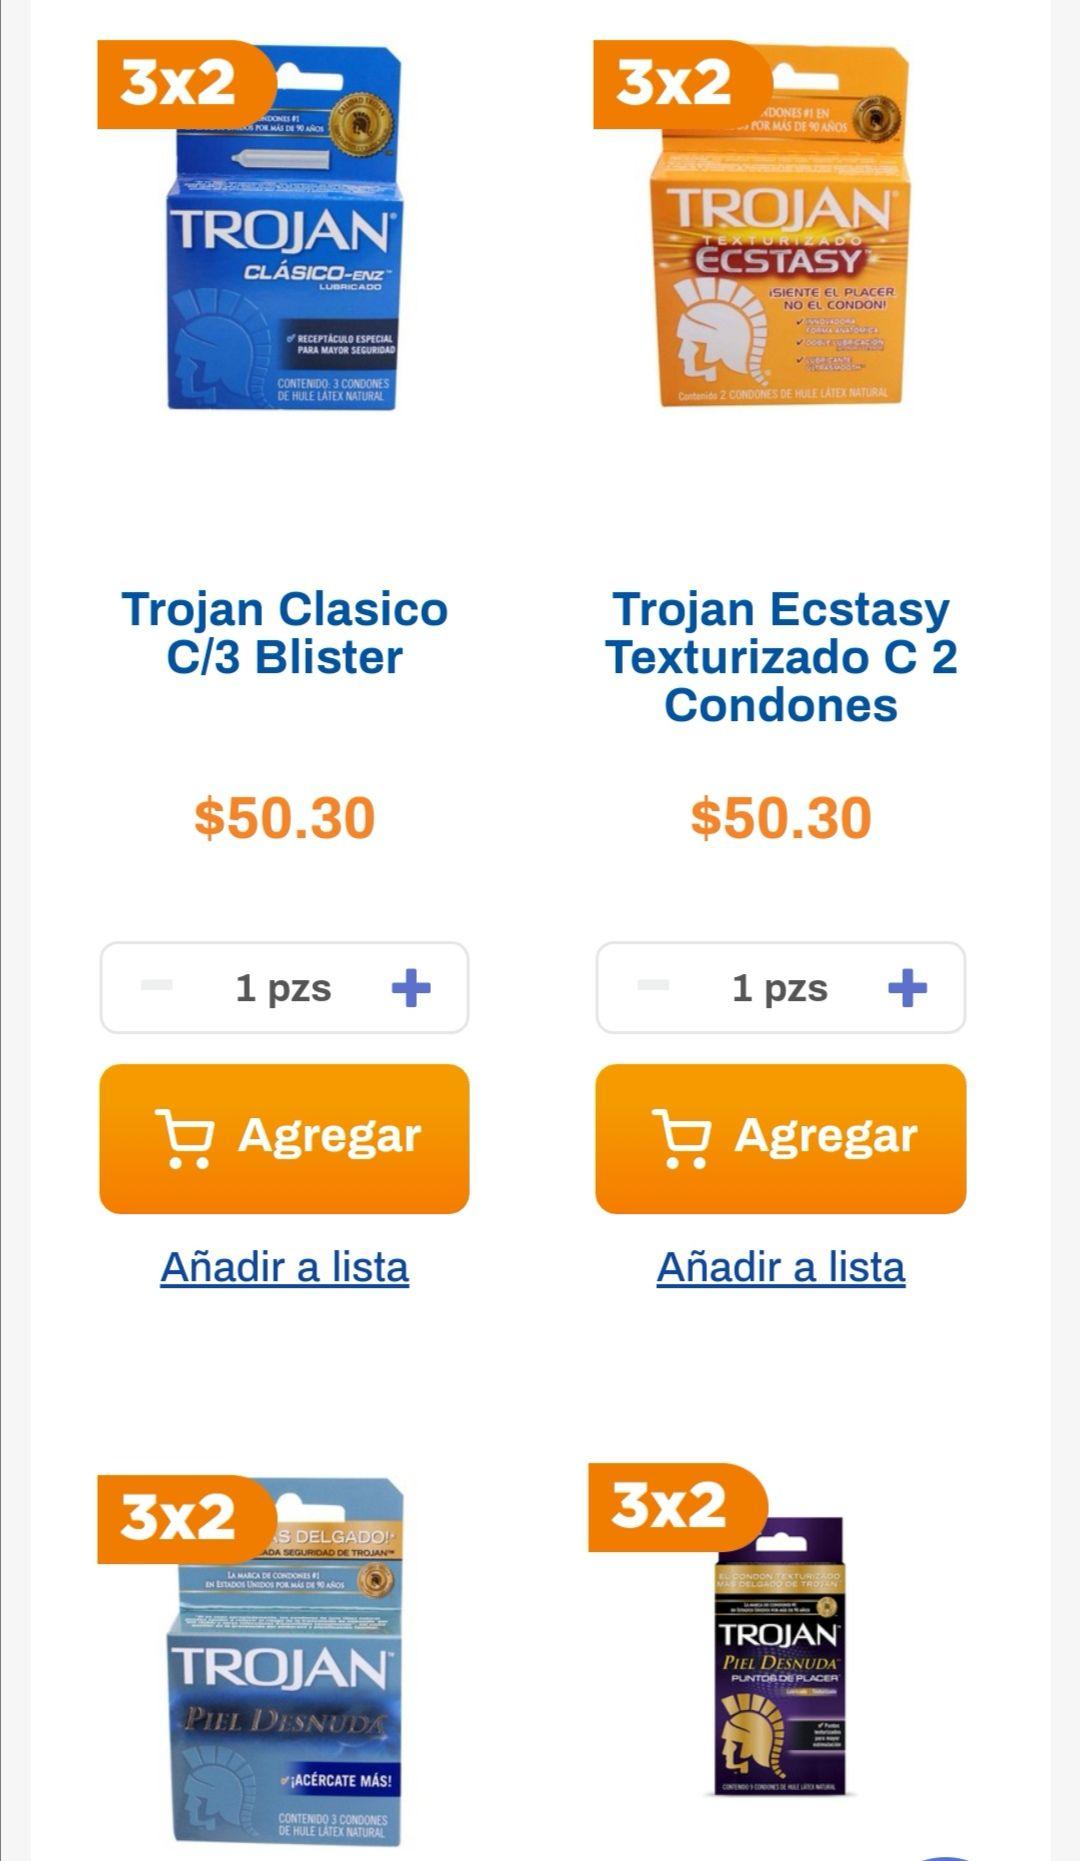 Chedraui: 3 x 2 en preservativos Trojan + 20% de descuento (descuento total: 46.67%)